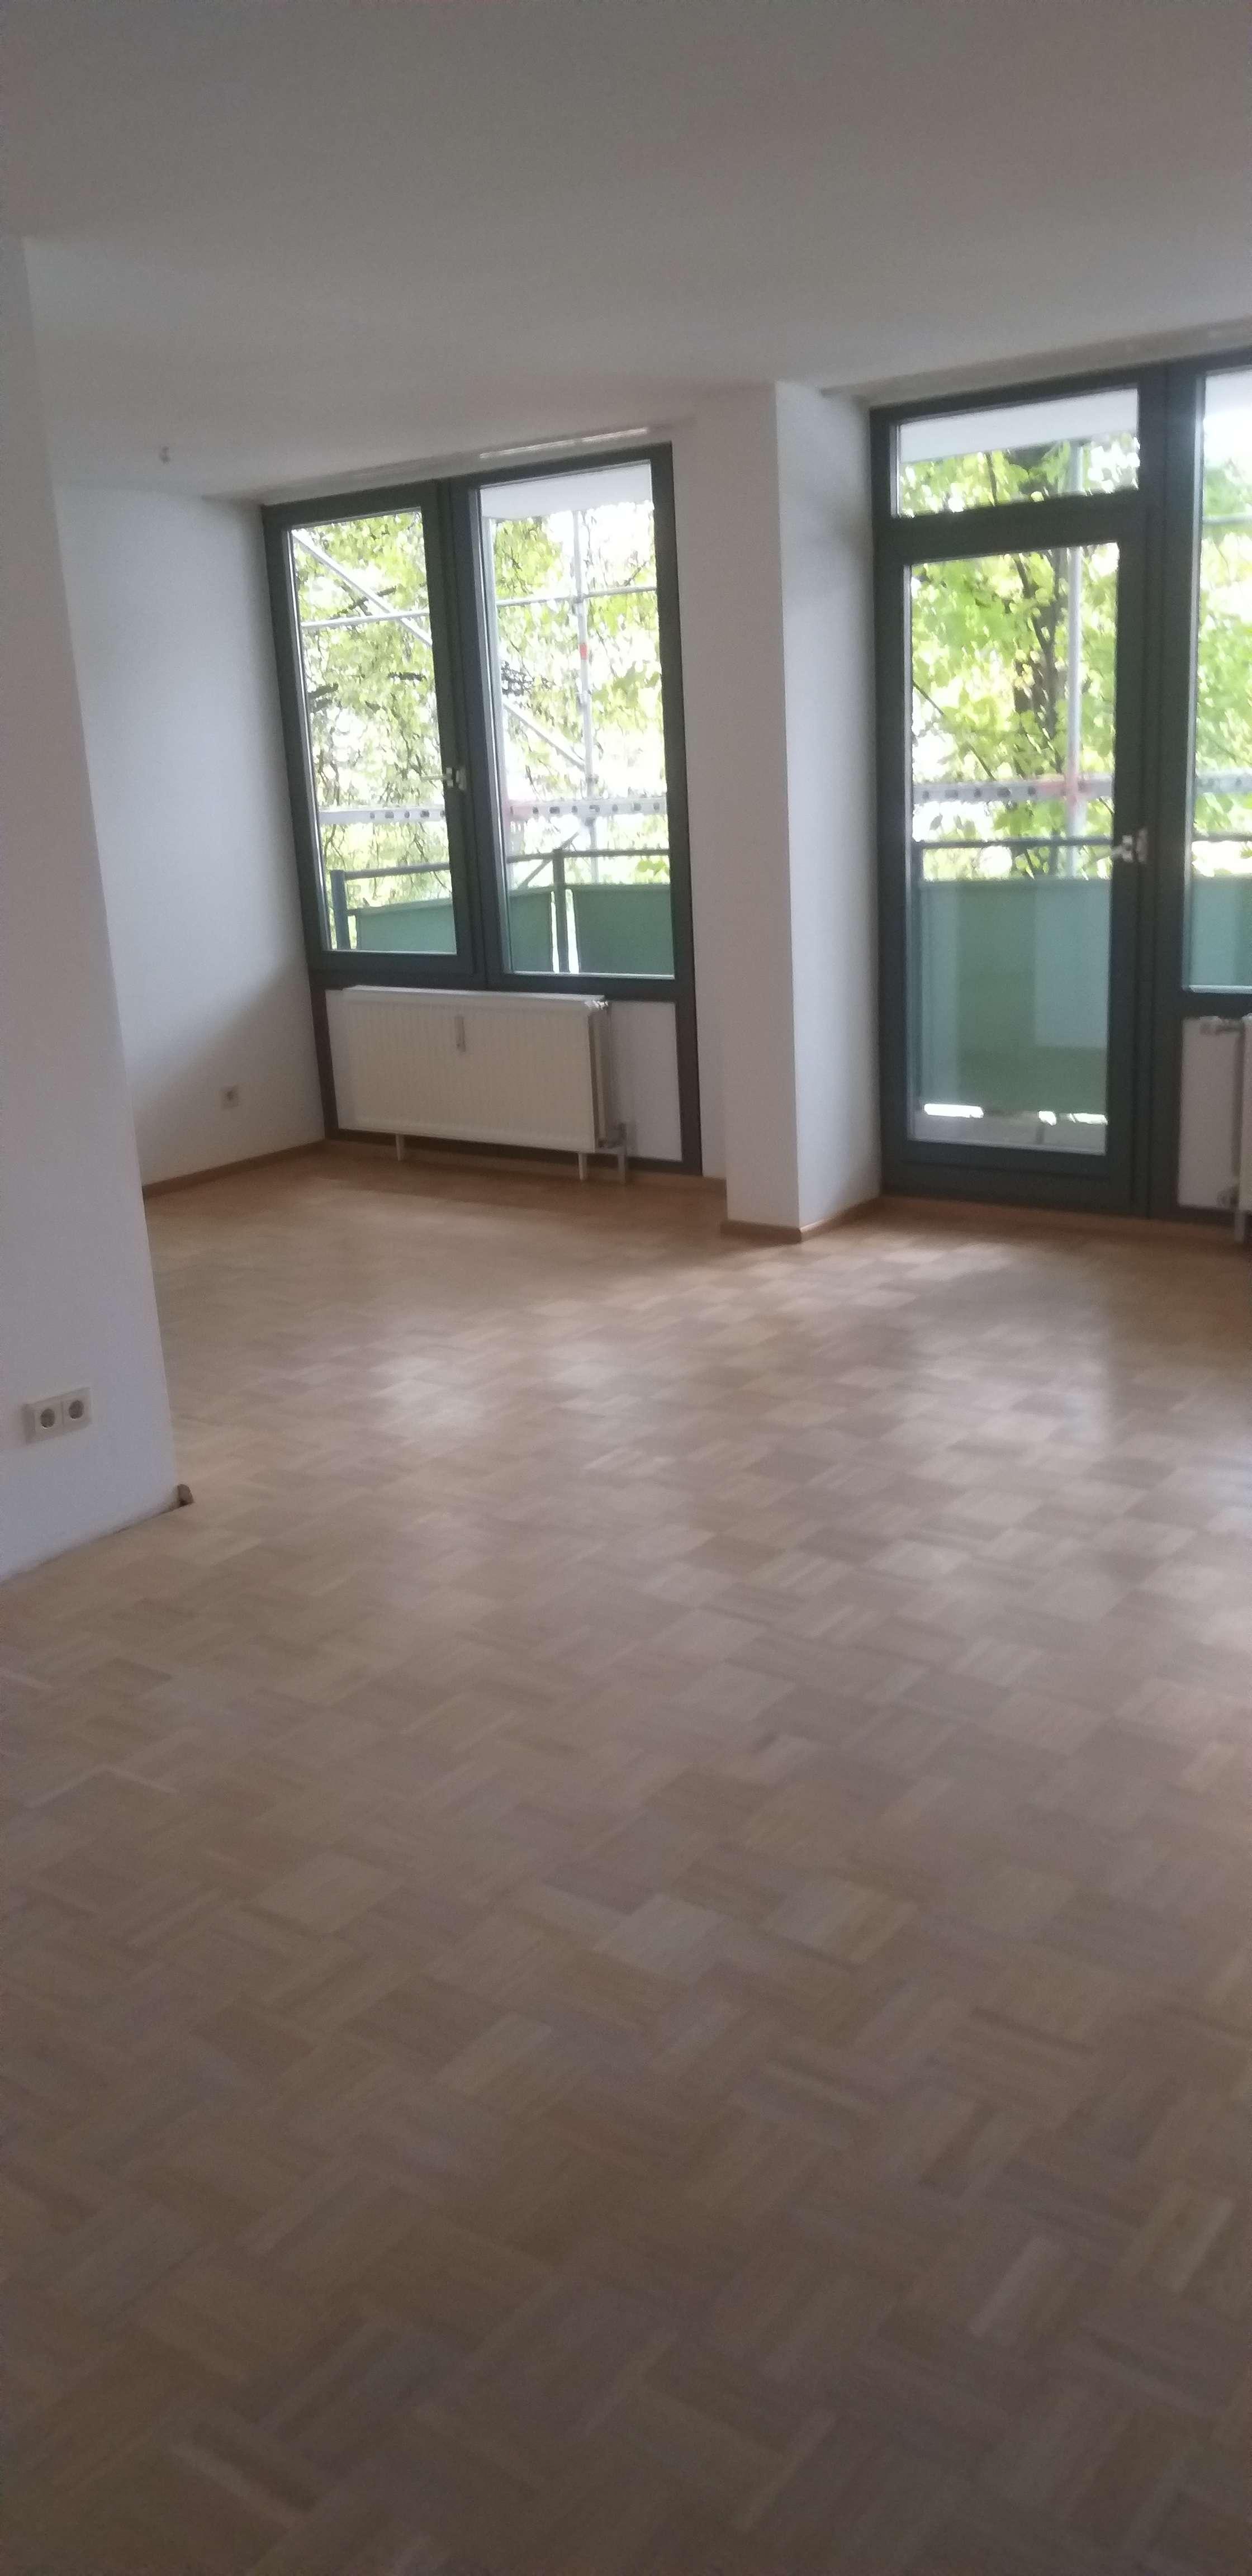 Neuwertige, herrliche 3-Zimmerwohnung mit 2 Balkonen in Hadern/Stiftsbogen in Hadern (München)